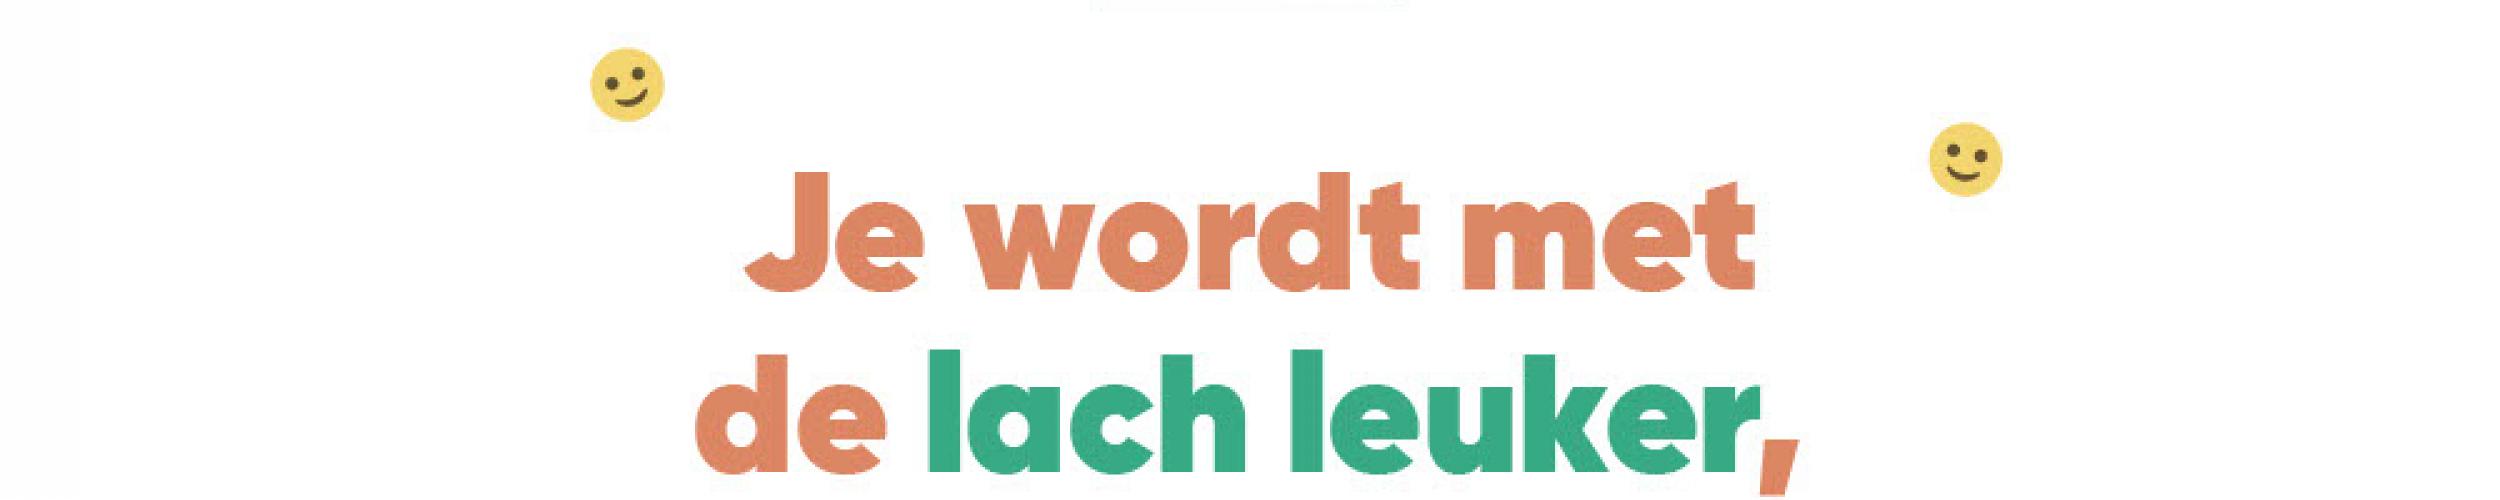 Motiverende affiches #1000keeroltegoare